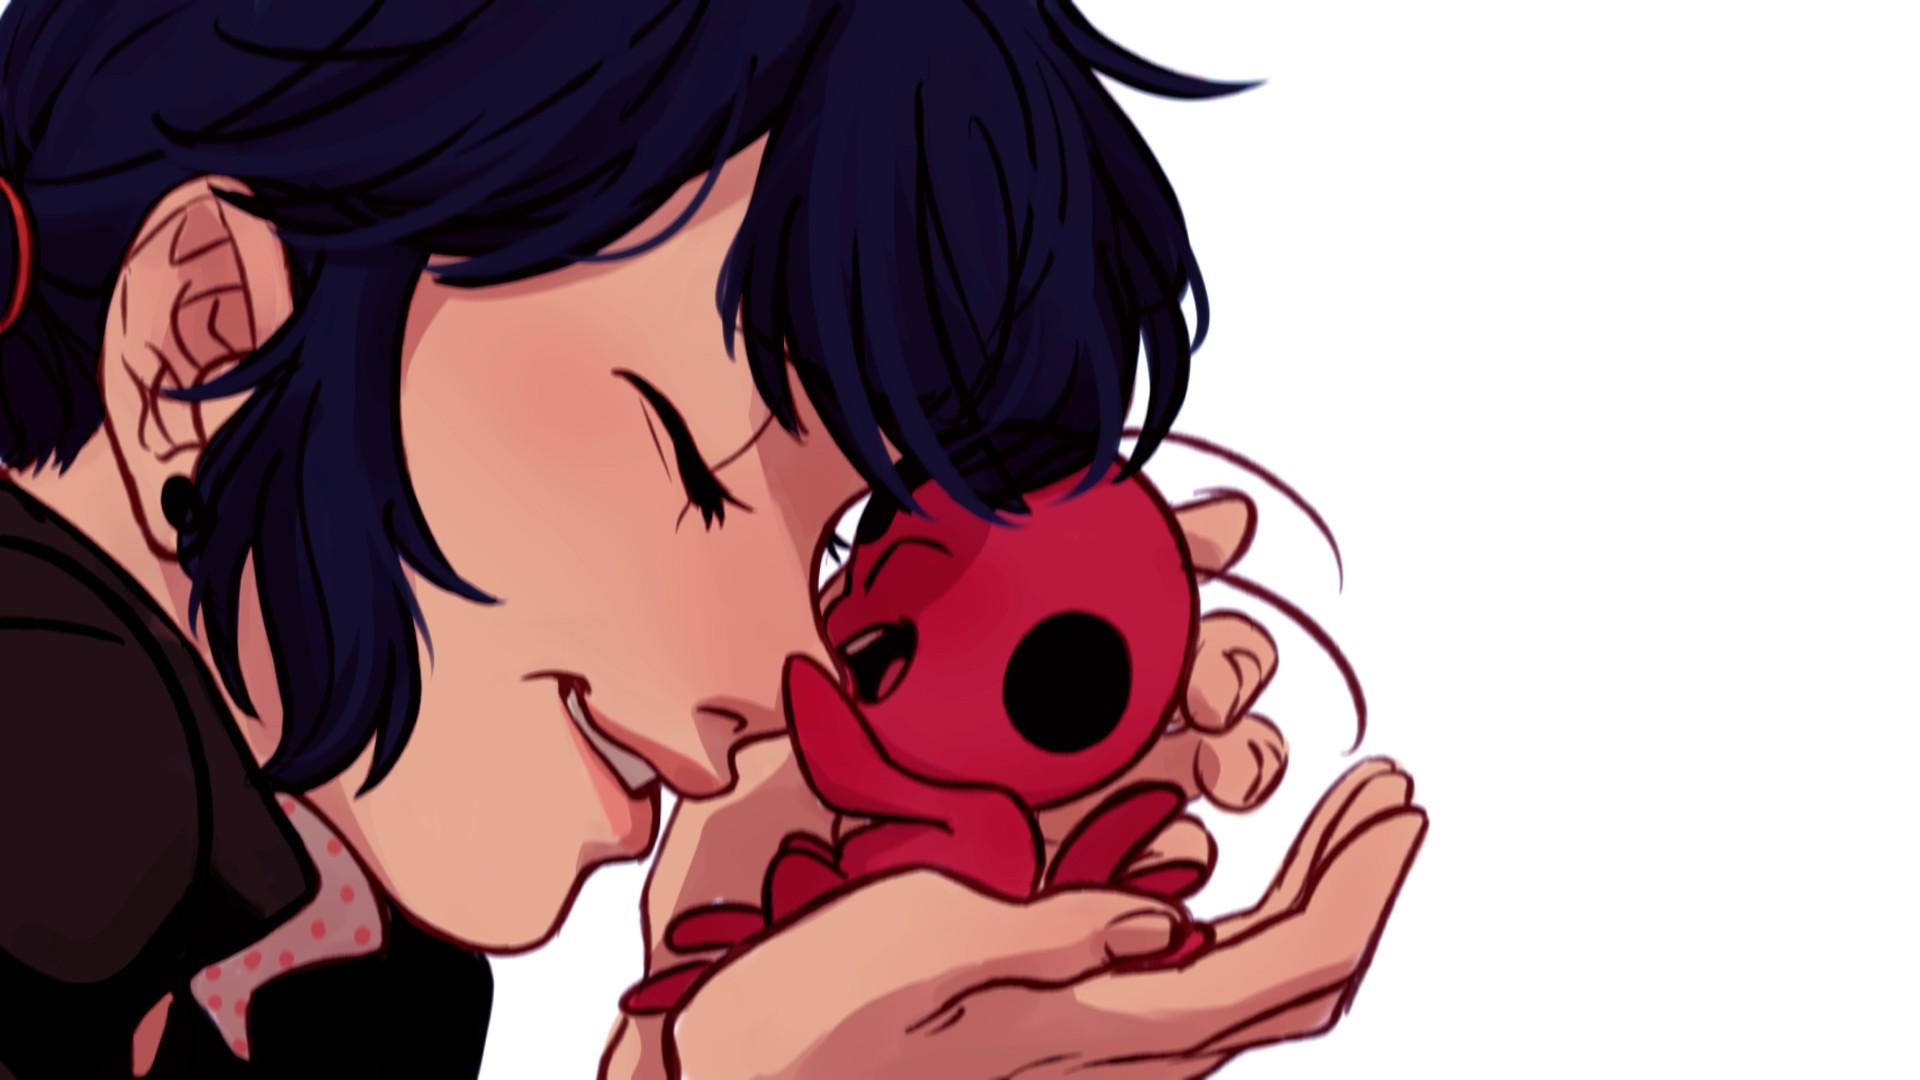 Perfect Illustration Anime Cartoon Mouth Miraculous LadyBug Mangaka Interaction